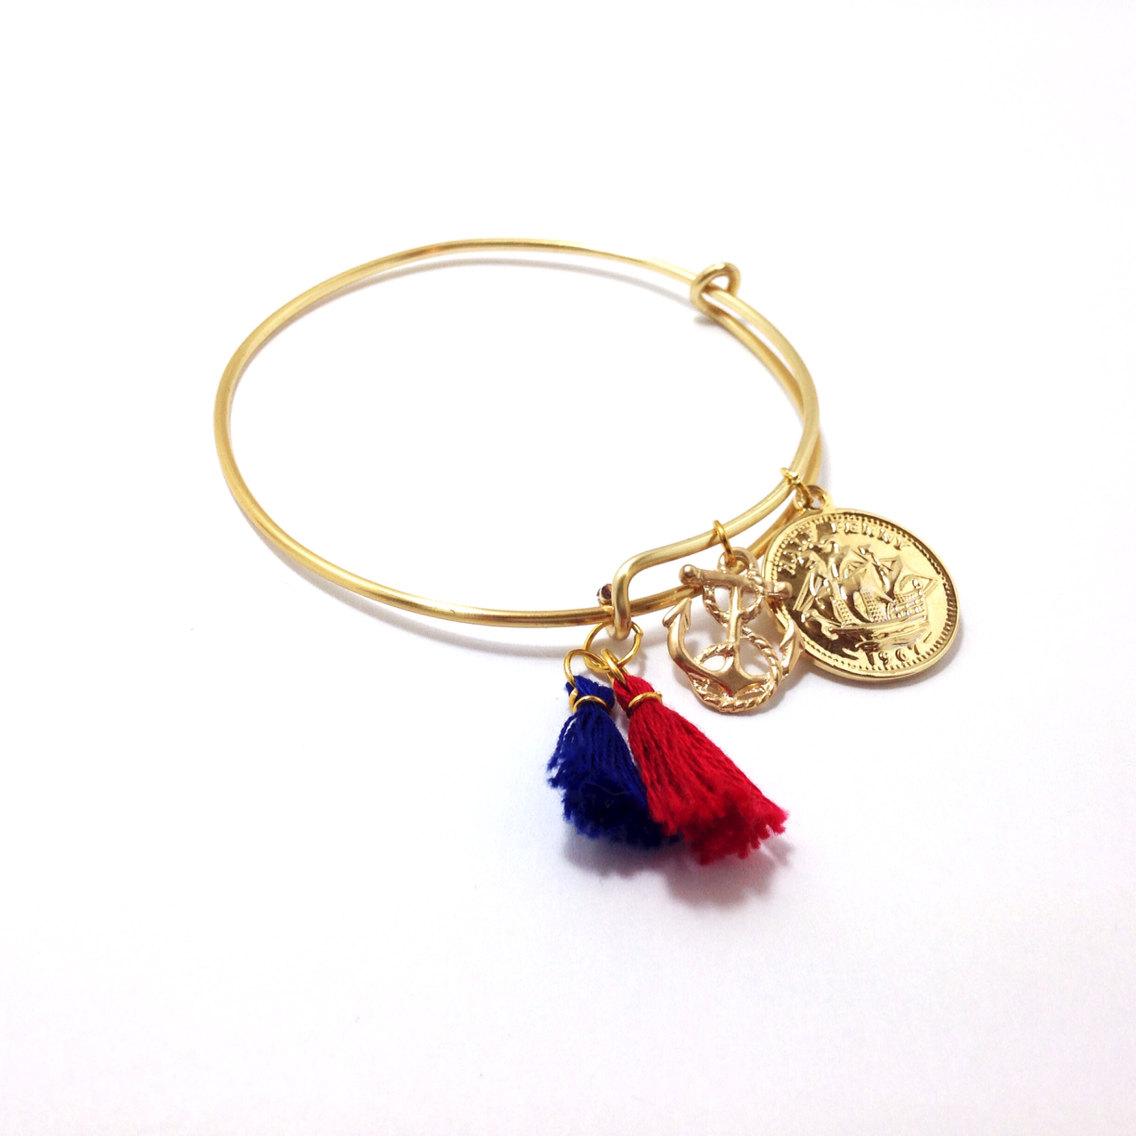 Anchor bangle, gold bangle, dainty bangle bracelet, simple bangle bracelet, anchor bracelet, nautical jewelry, nautical bracelet